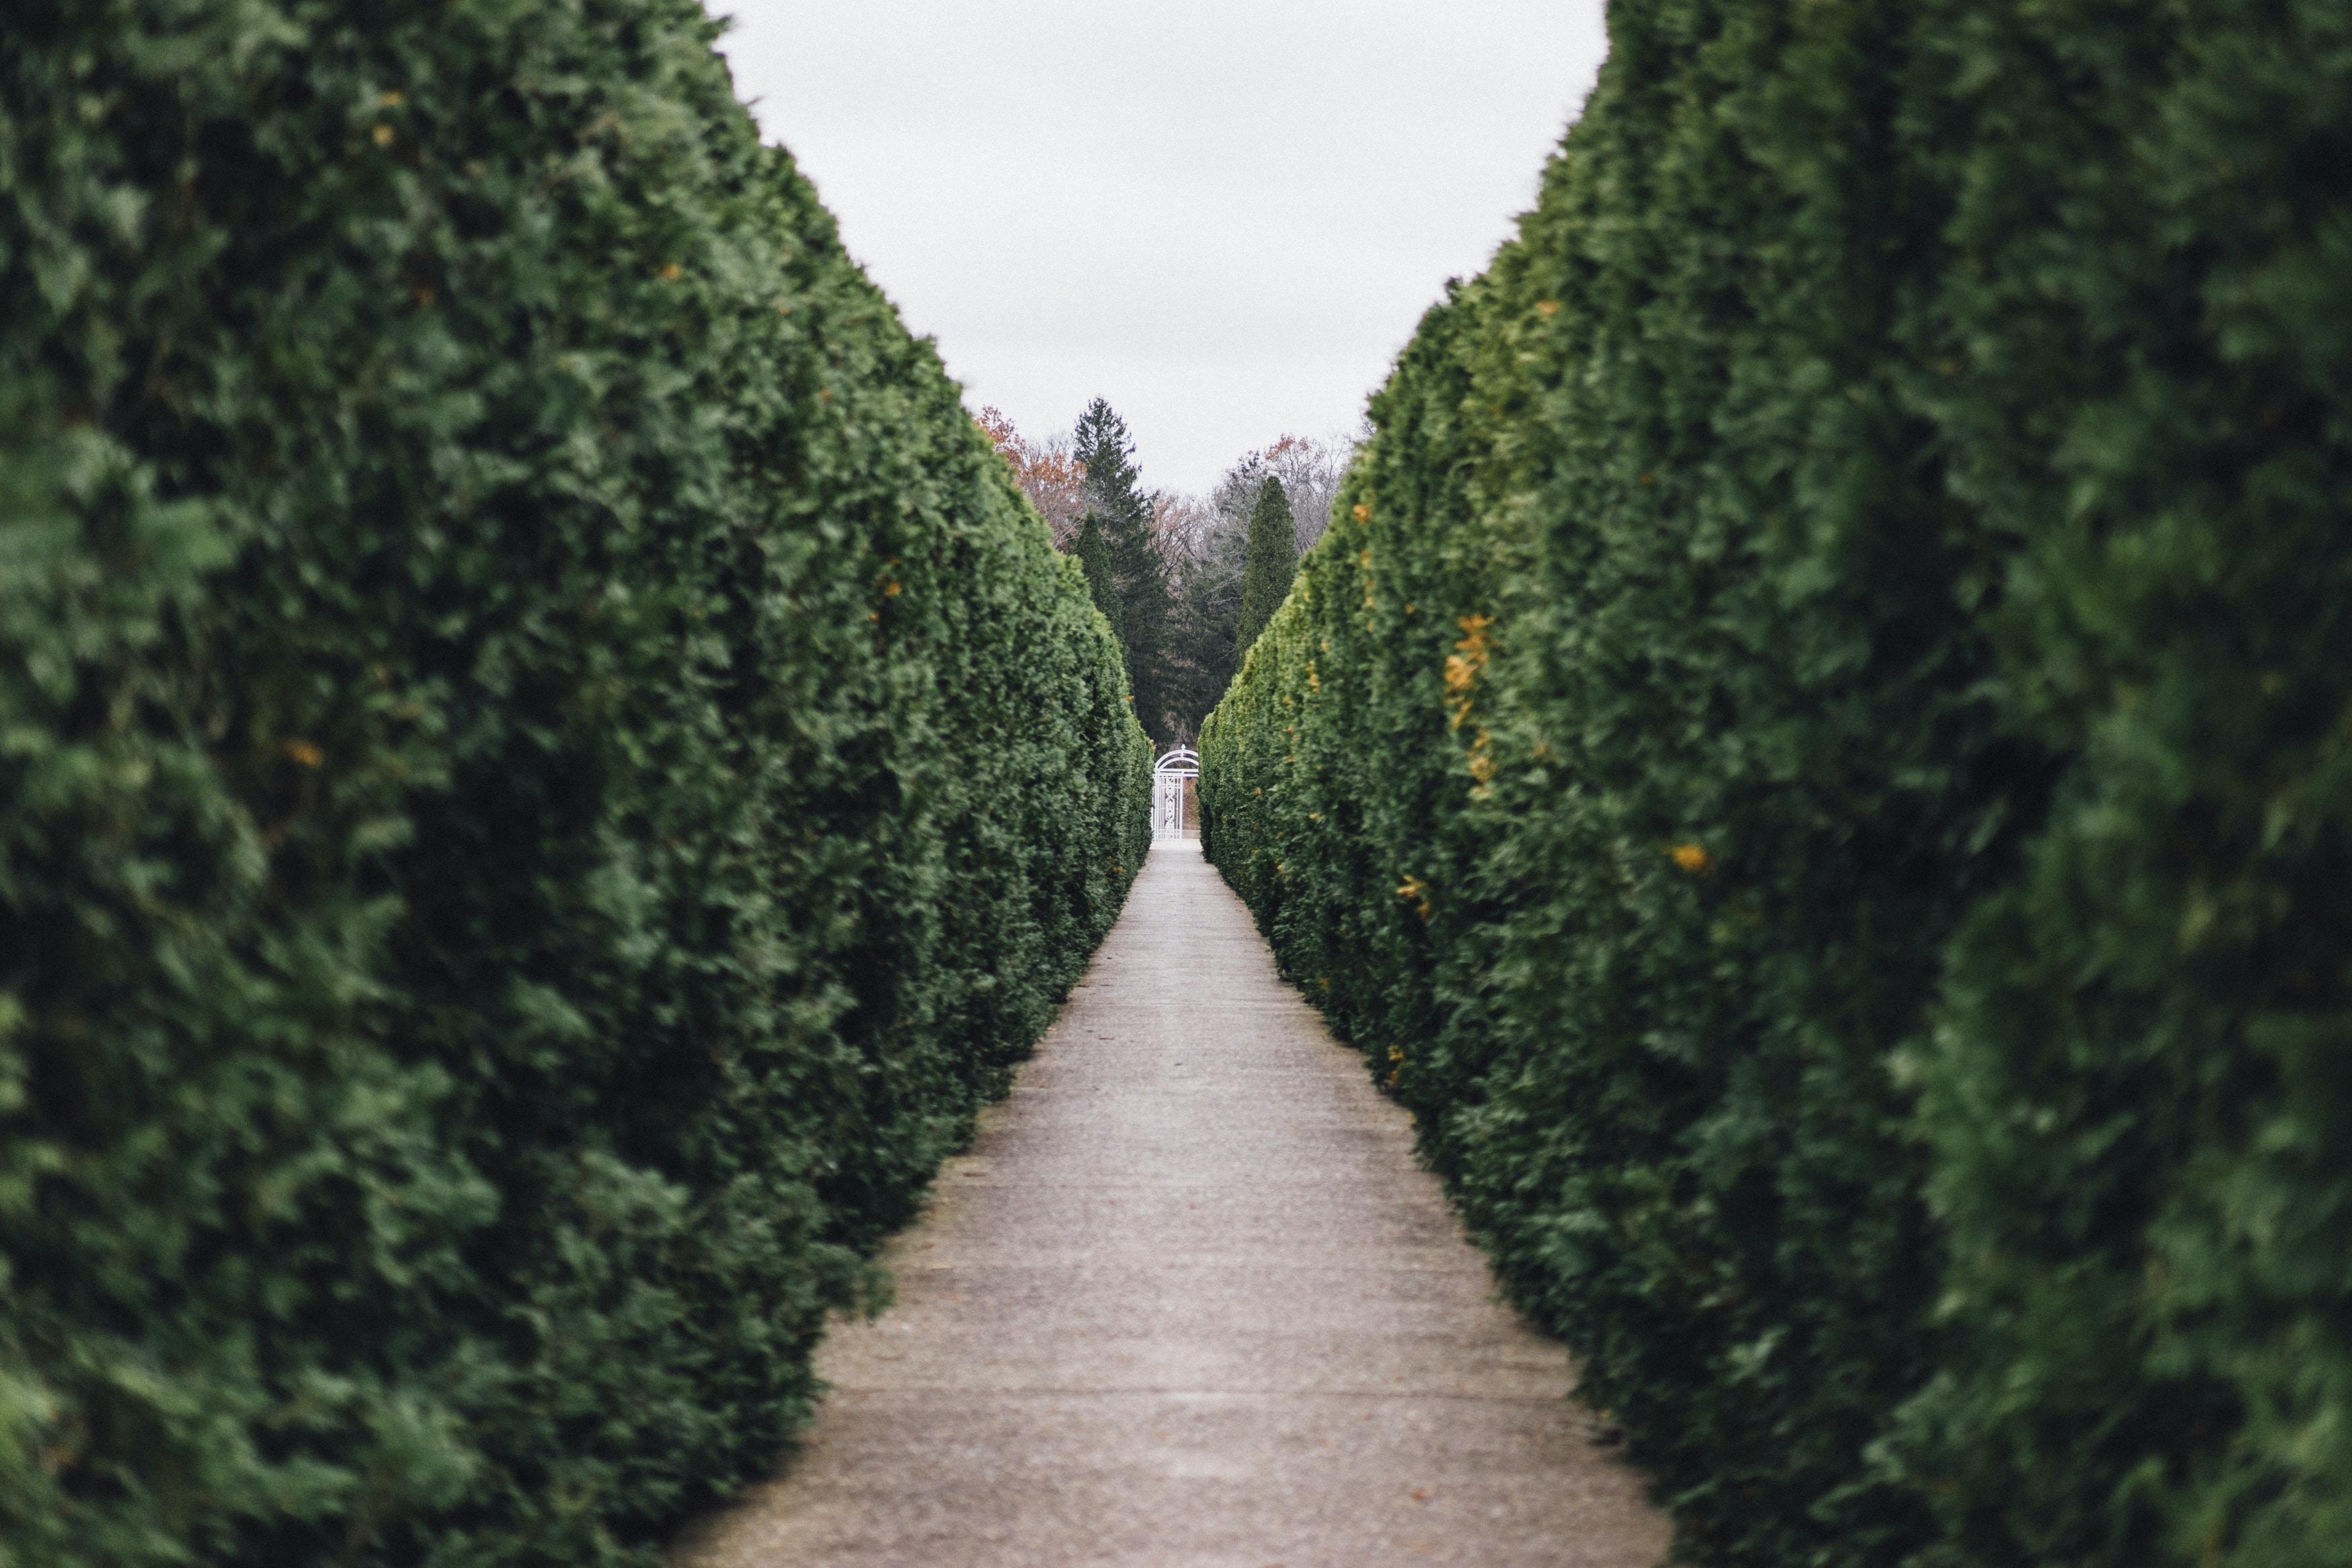 grass maze pathway photo